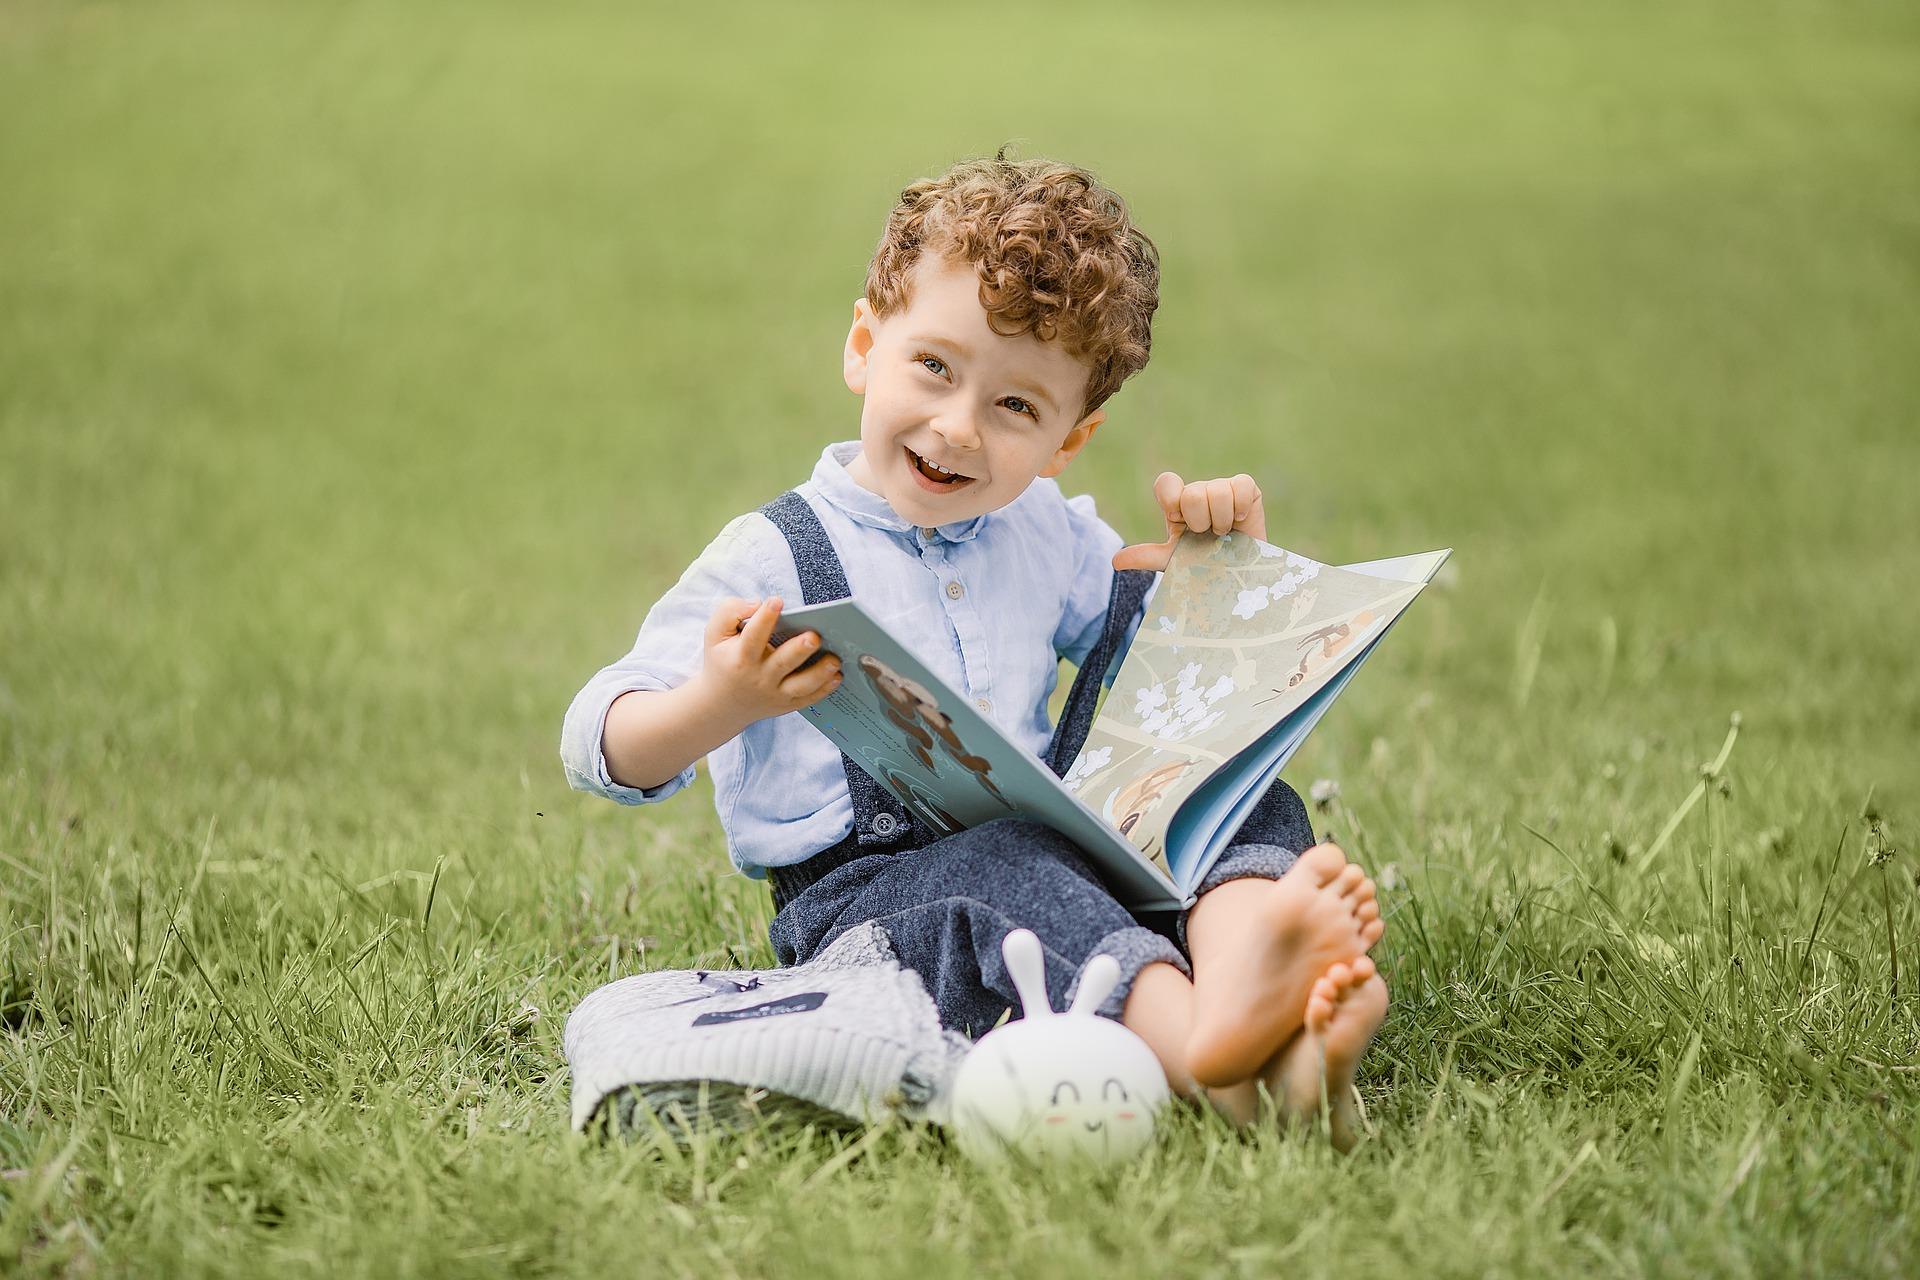 子供のIQは圧倒的に高める3つの習慣